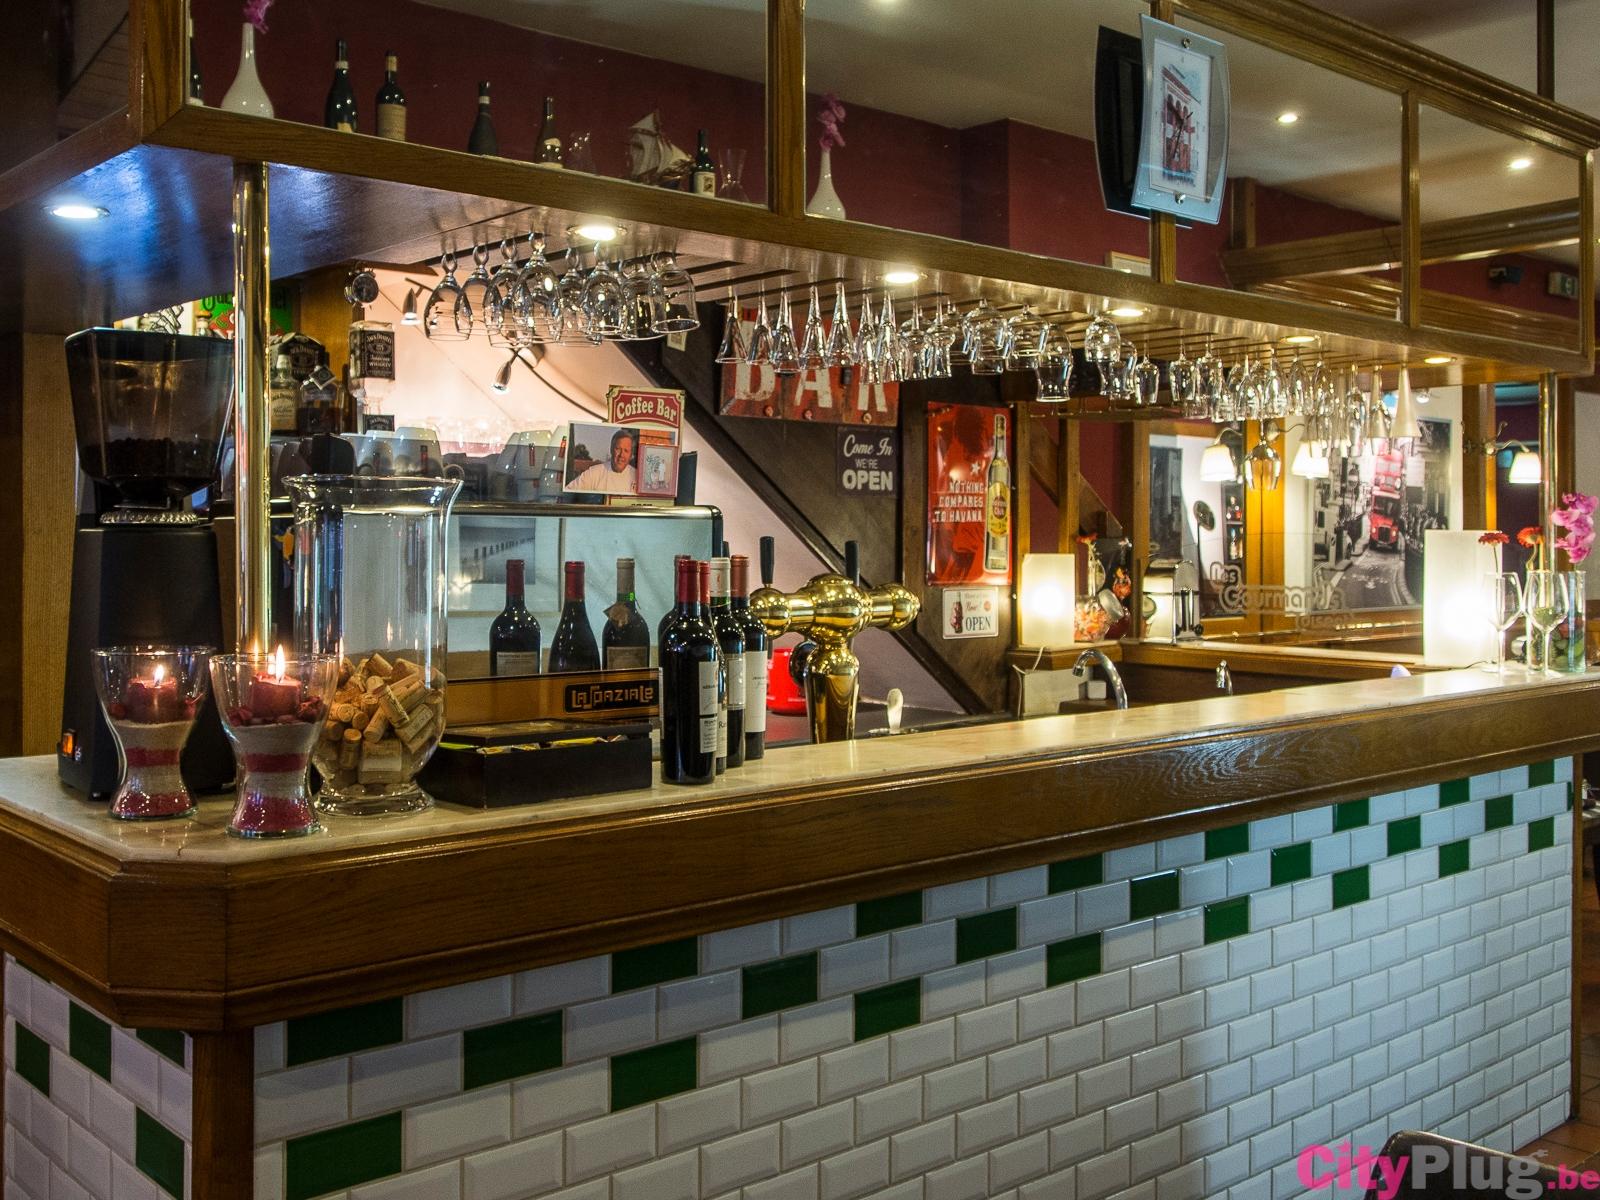 20 avis - Restaurant cuisine belge bruxelles ...